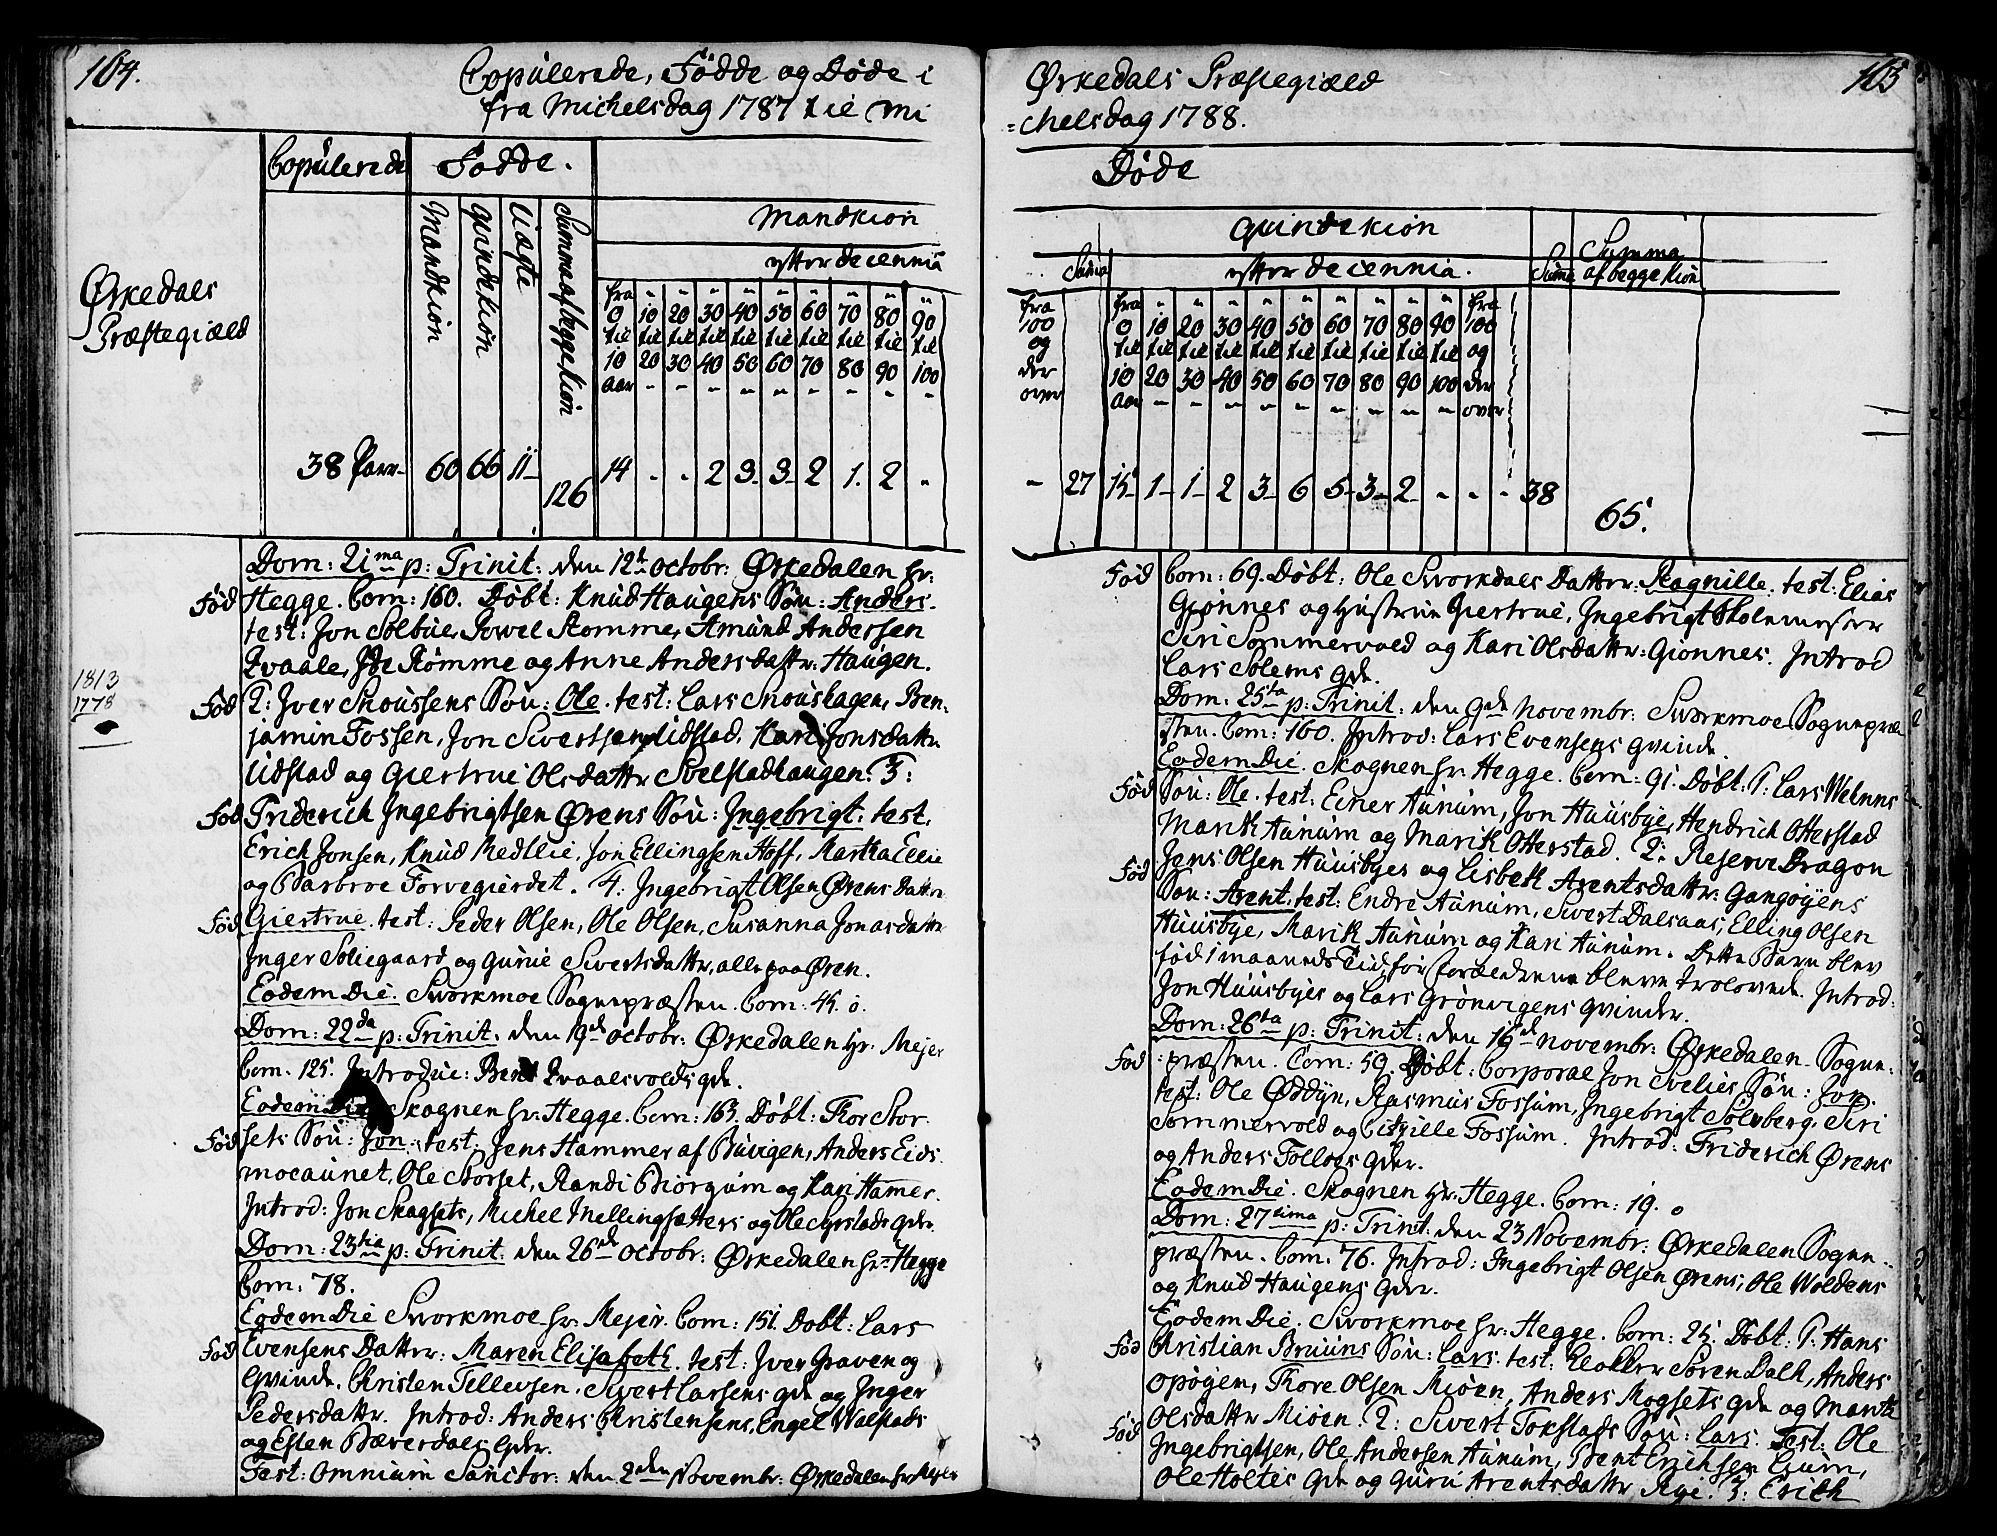 SAT, Ministerialprotokoller, klokkerbøker og fødselsregistre - Sør-Trøndelag, 668/L0802: Ministerialbok nr. 668A02, 1776-1799, s. 164-165